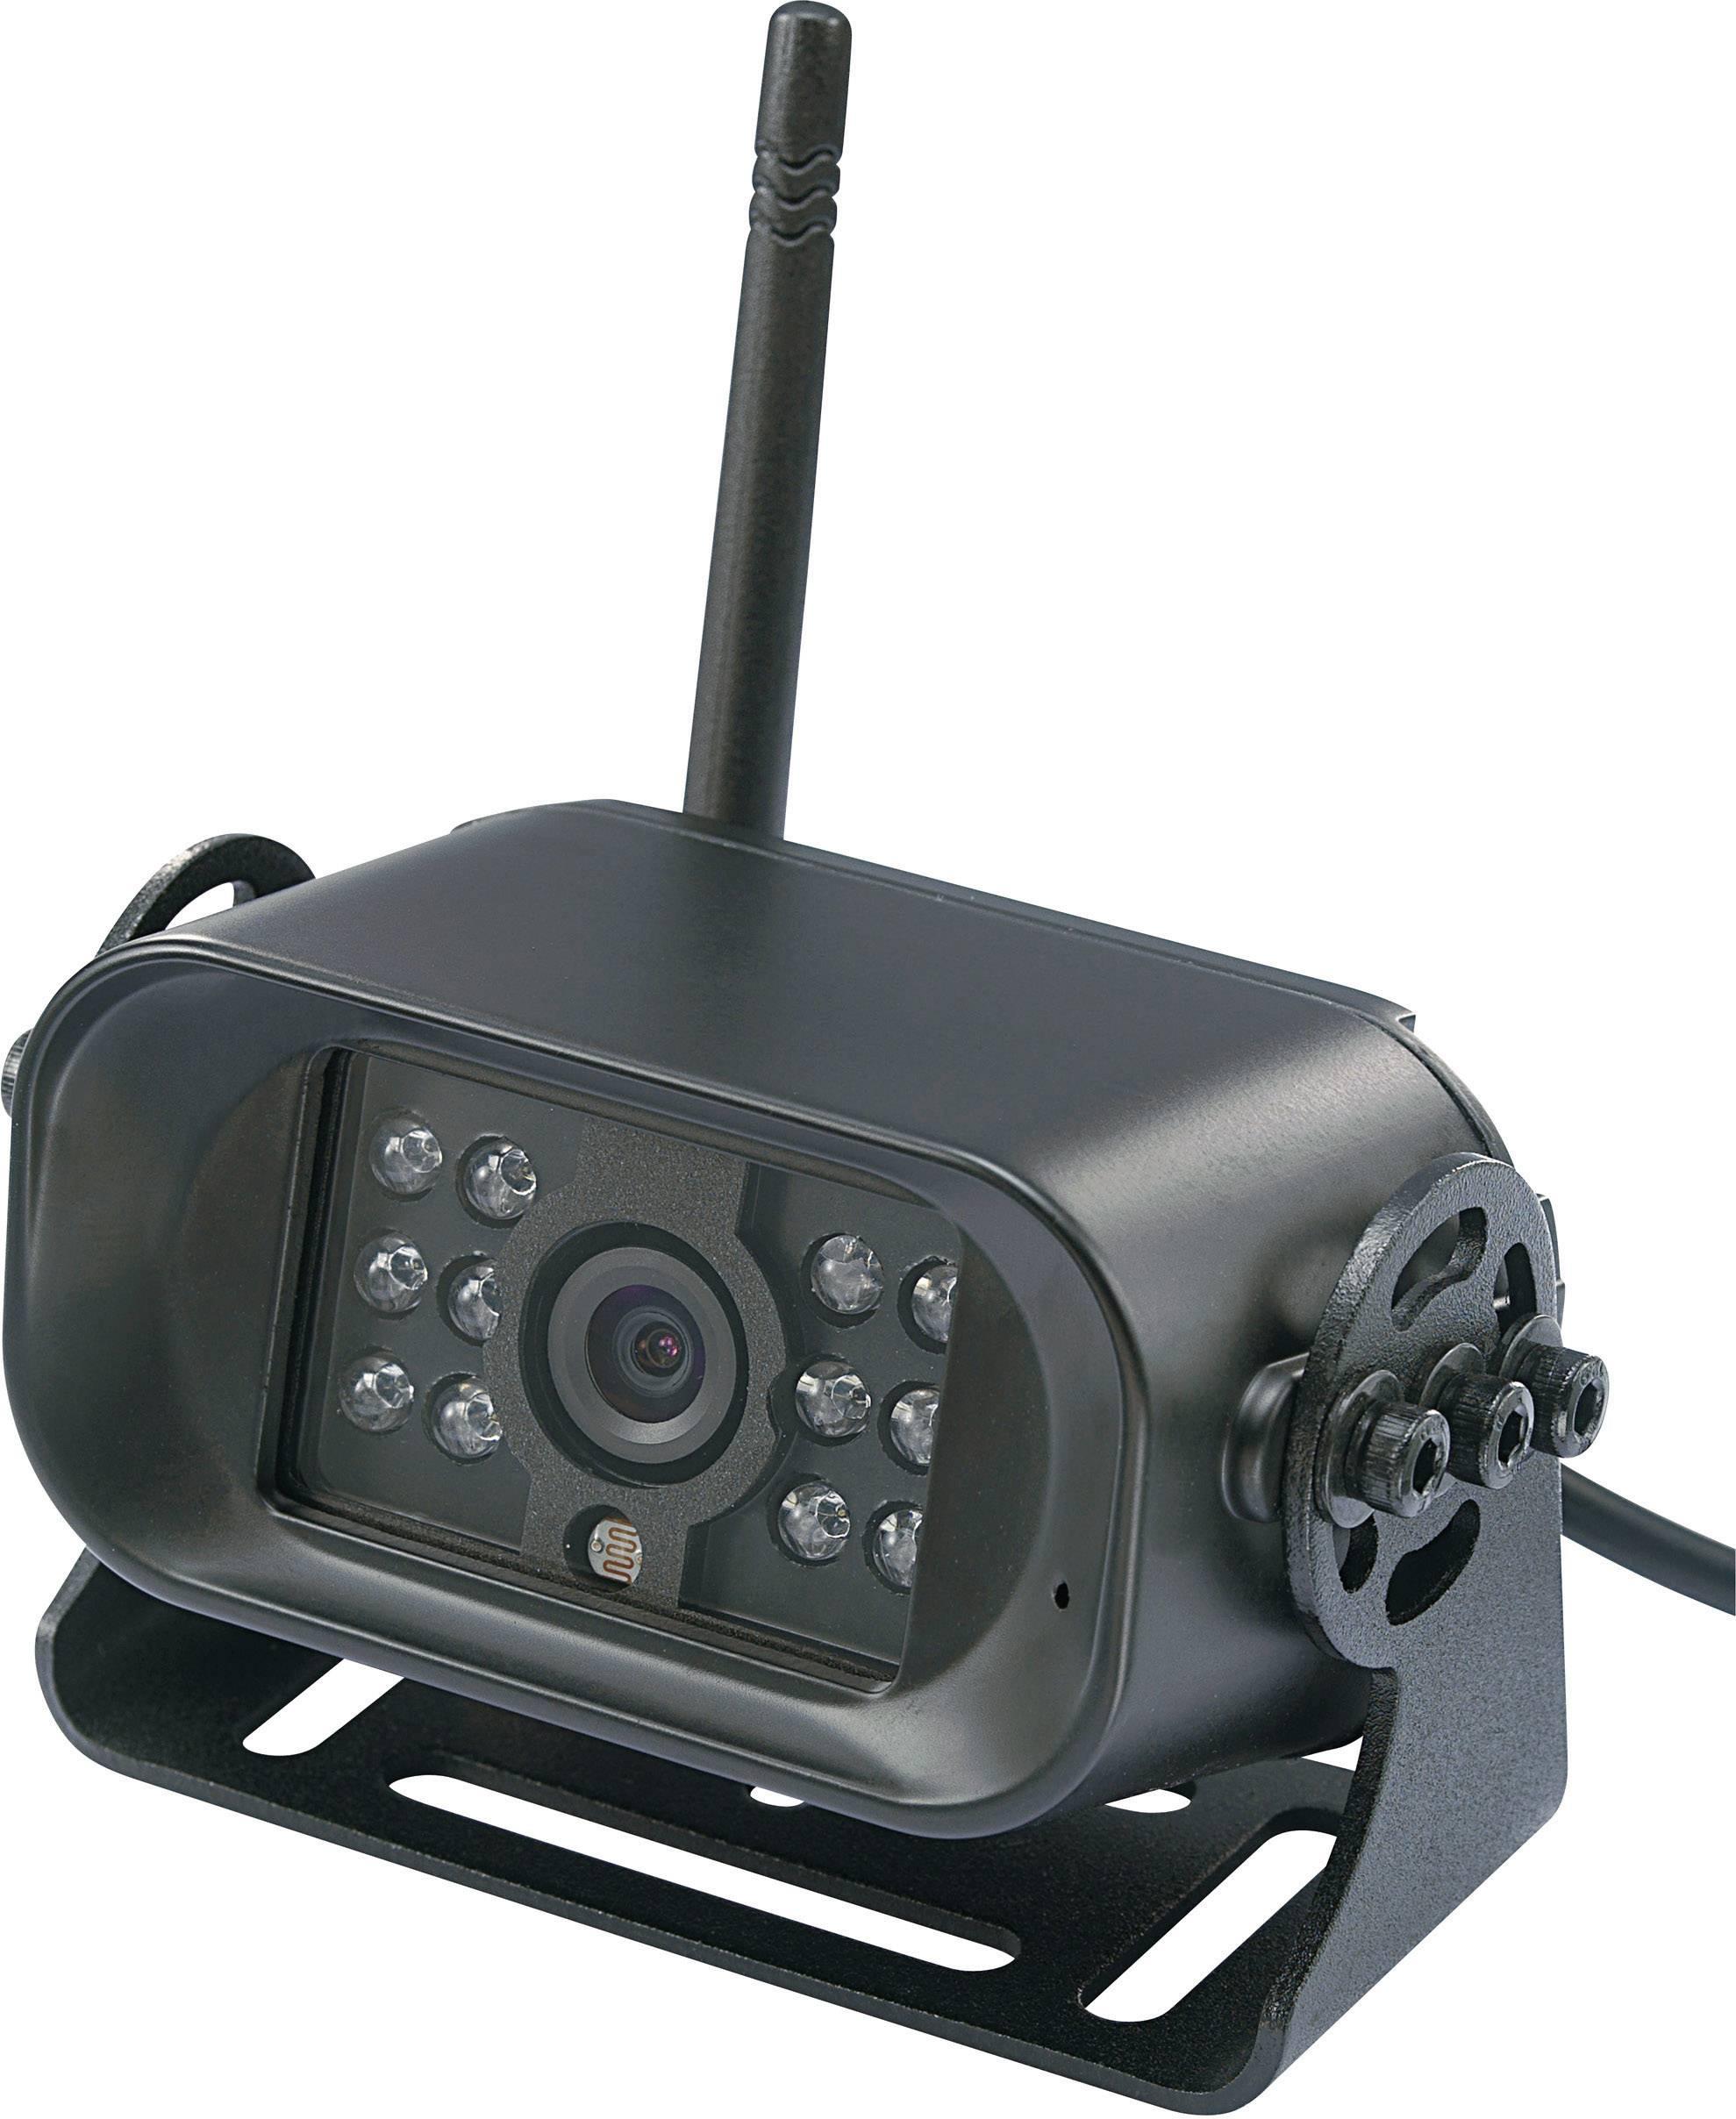 Bezdrôtová cúvacia kamera zabudovaná do ŠPZ podložky FFKK2 (Kanal 2)